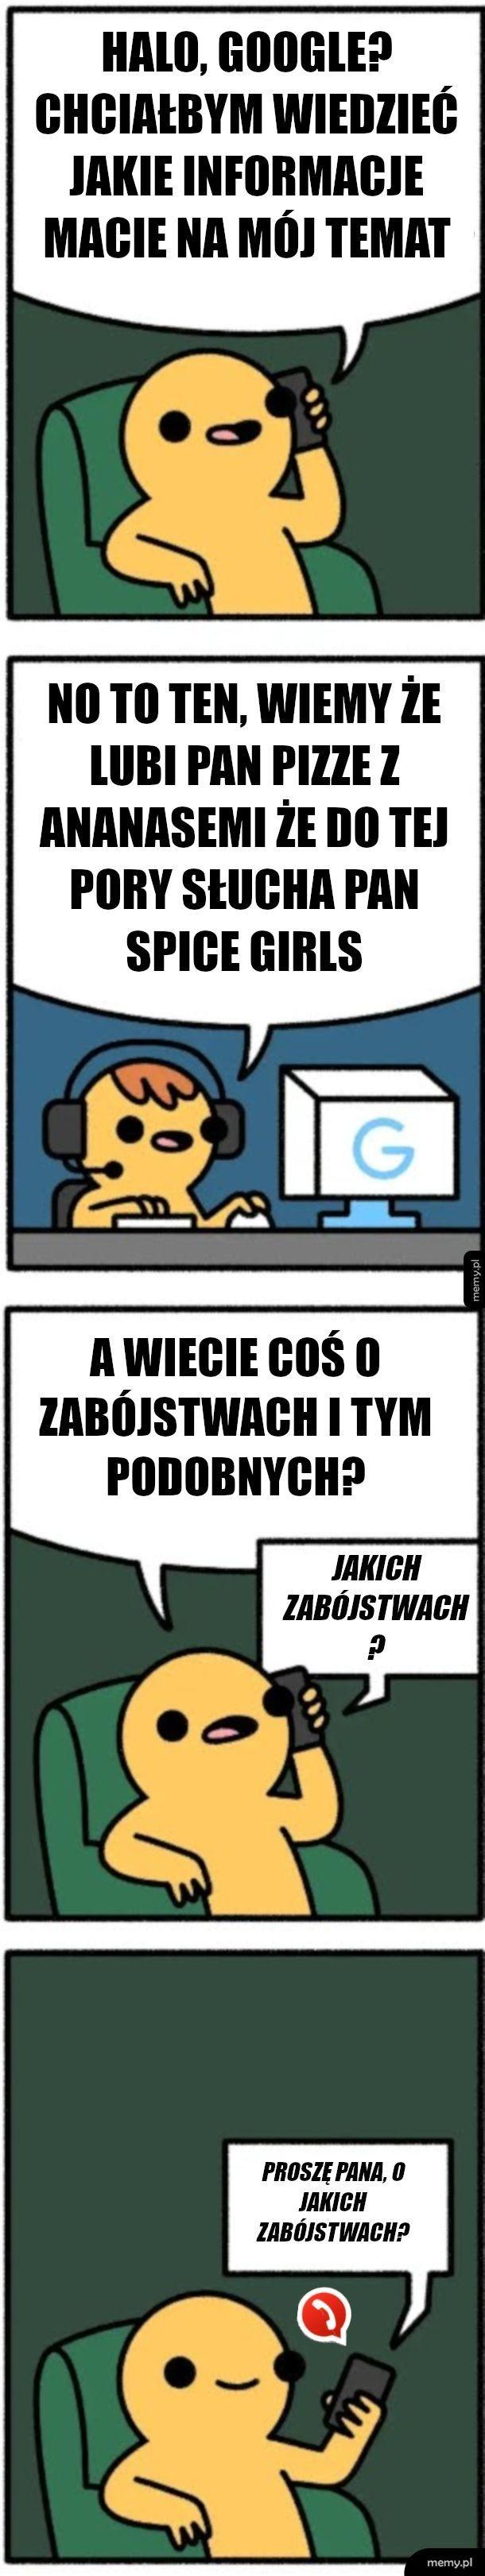 Baza wiedzy Google